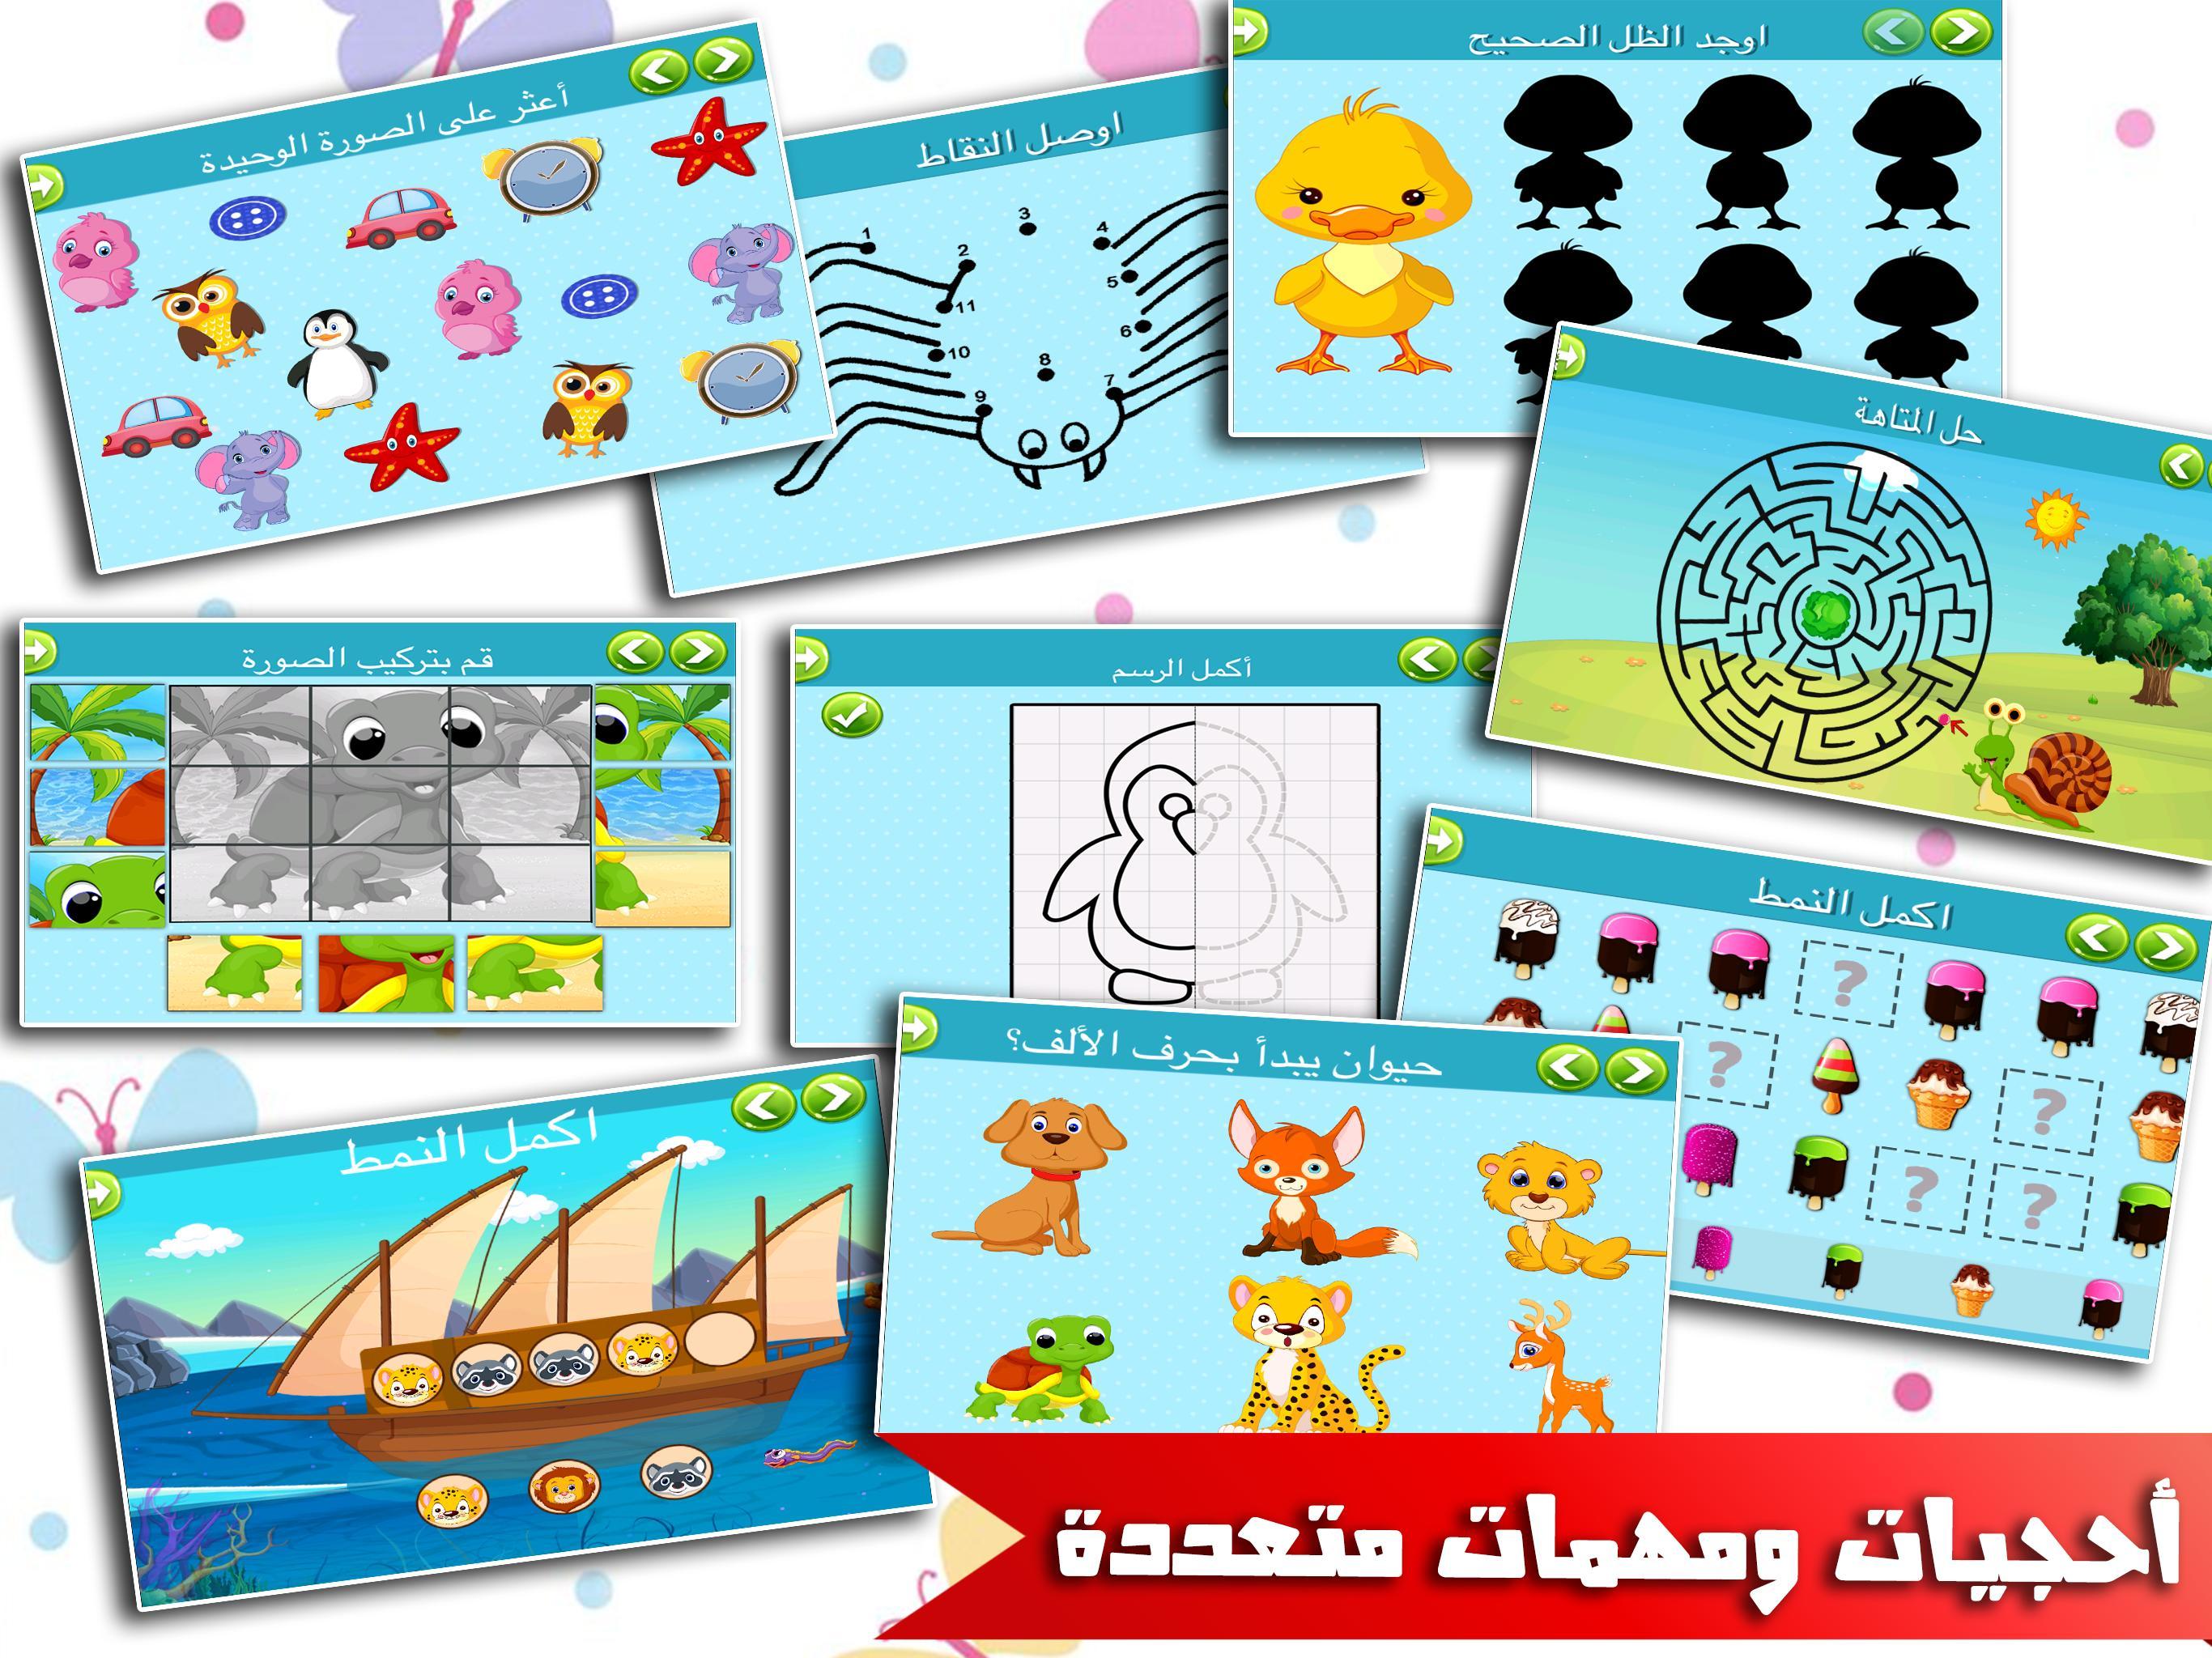 العاب ذكاء اطفال و بنات تعليمية التعليم و الذكاء 1.0.1 Screenshot 7